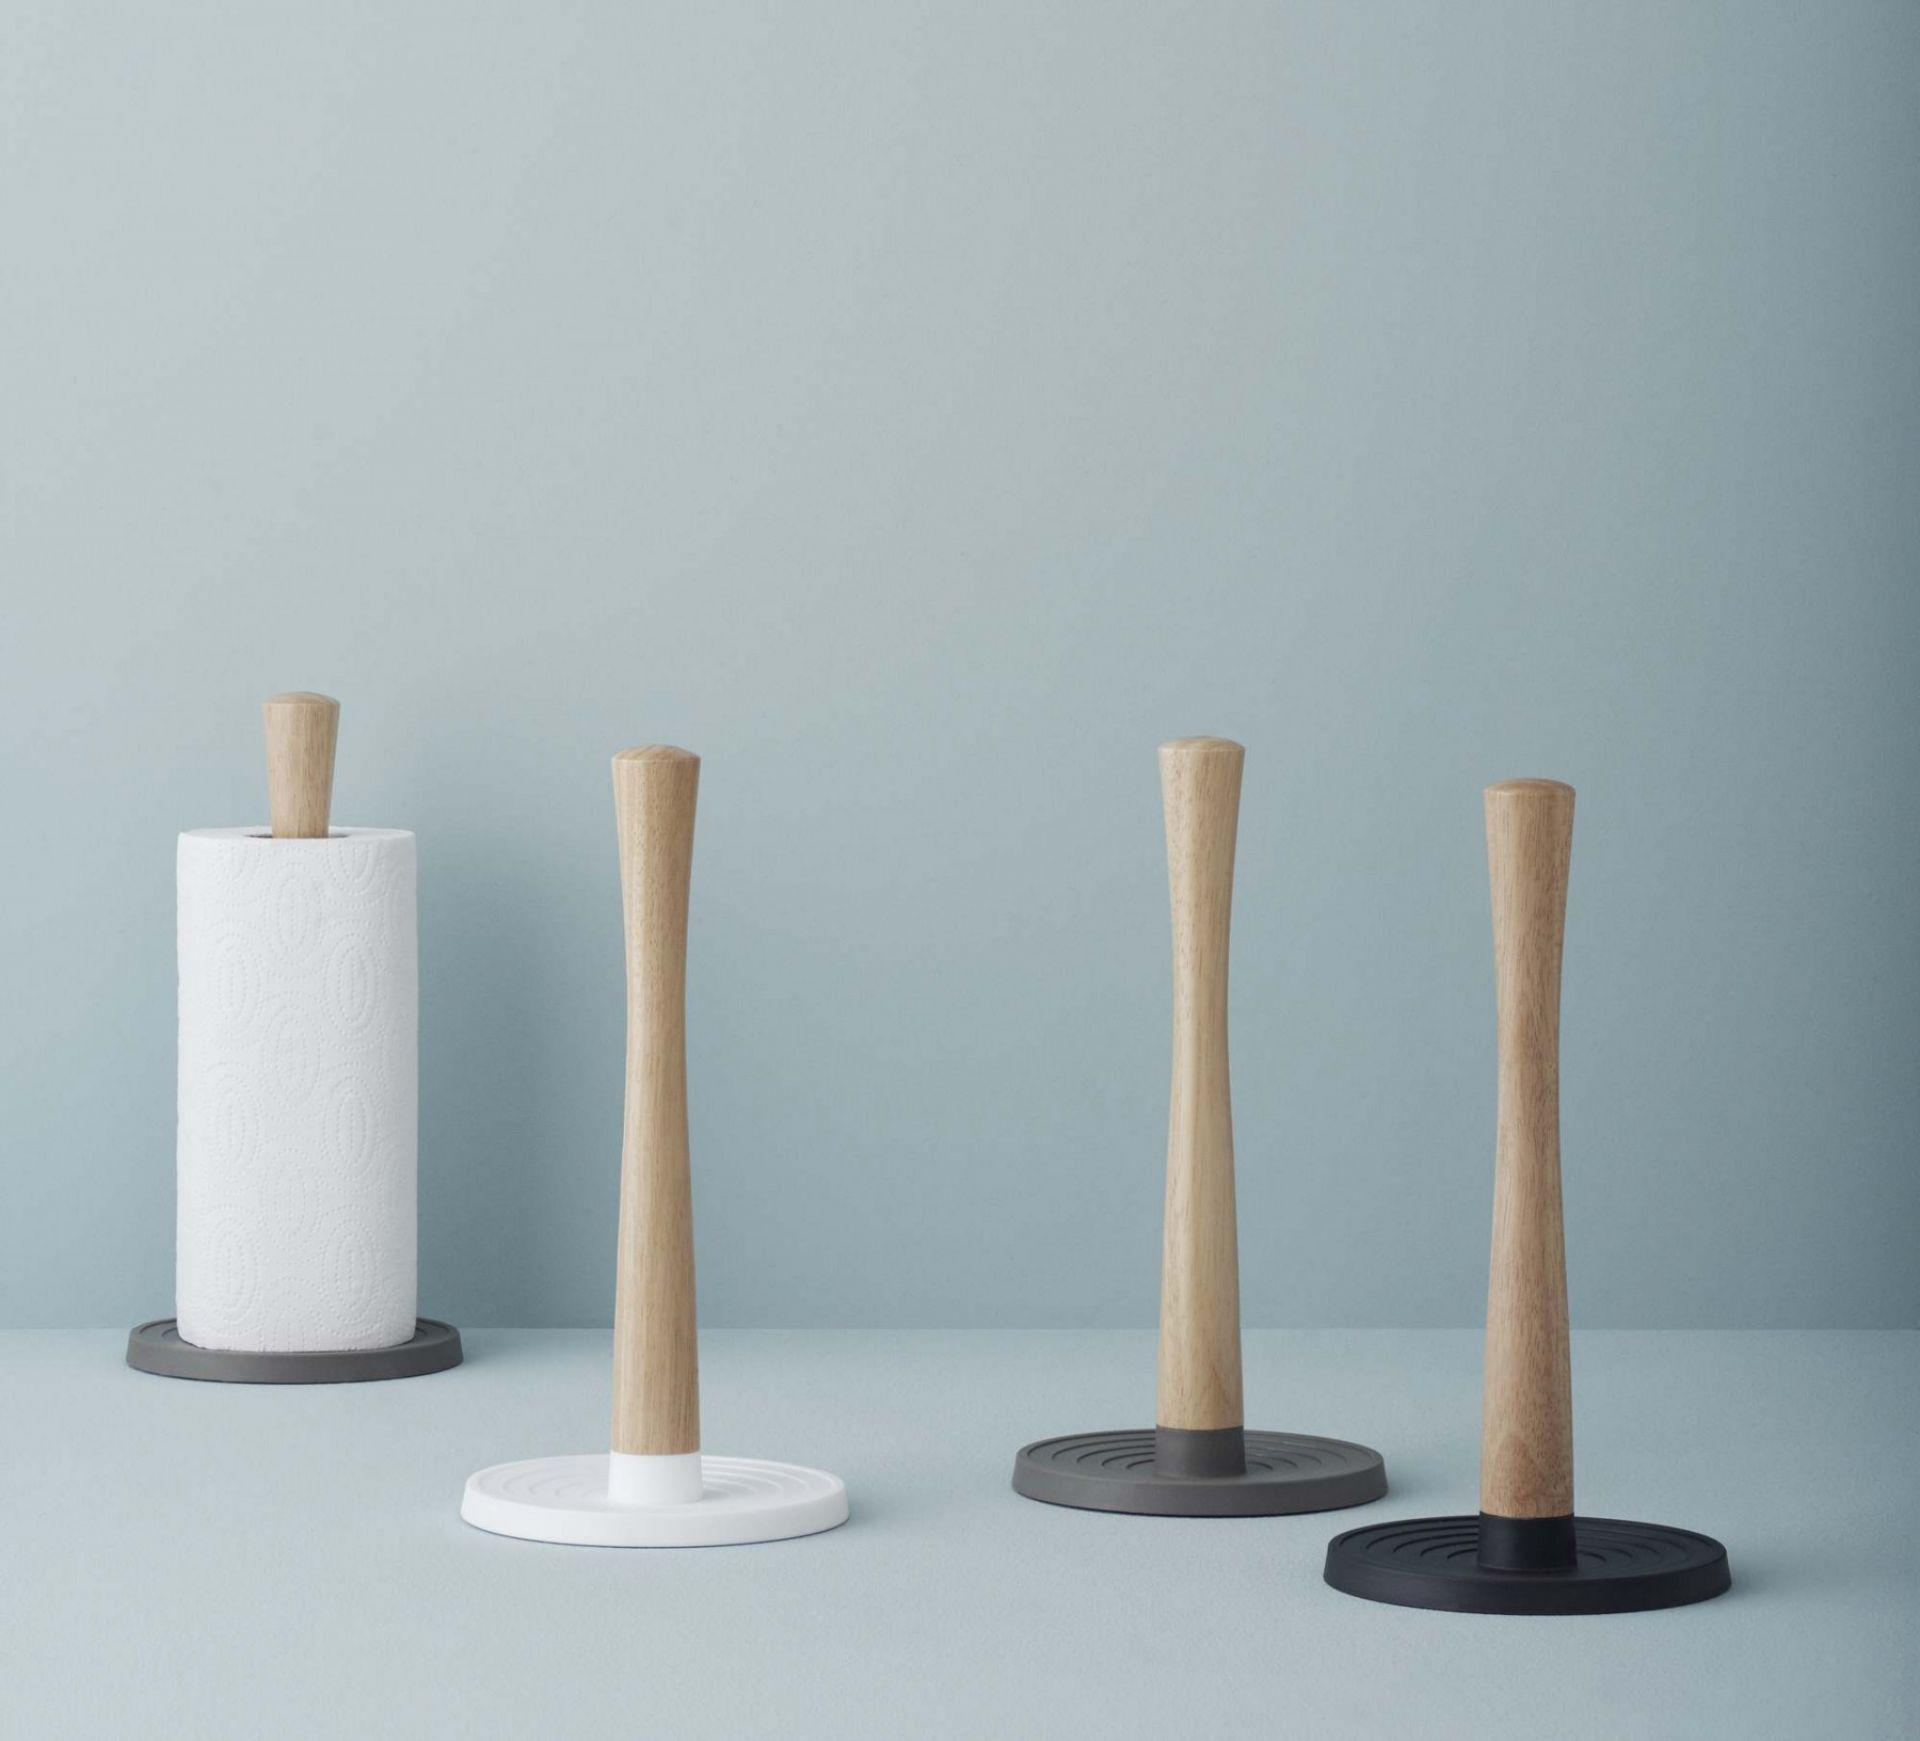 Roll-It Küchenrollenhalter Stelton weiß